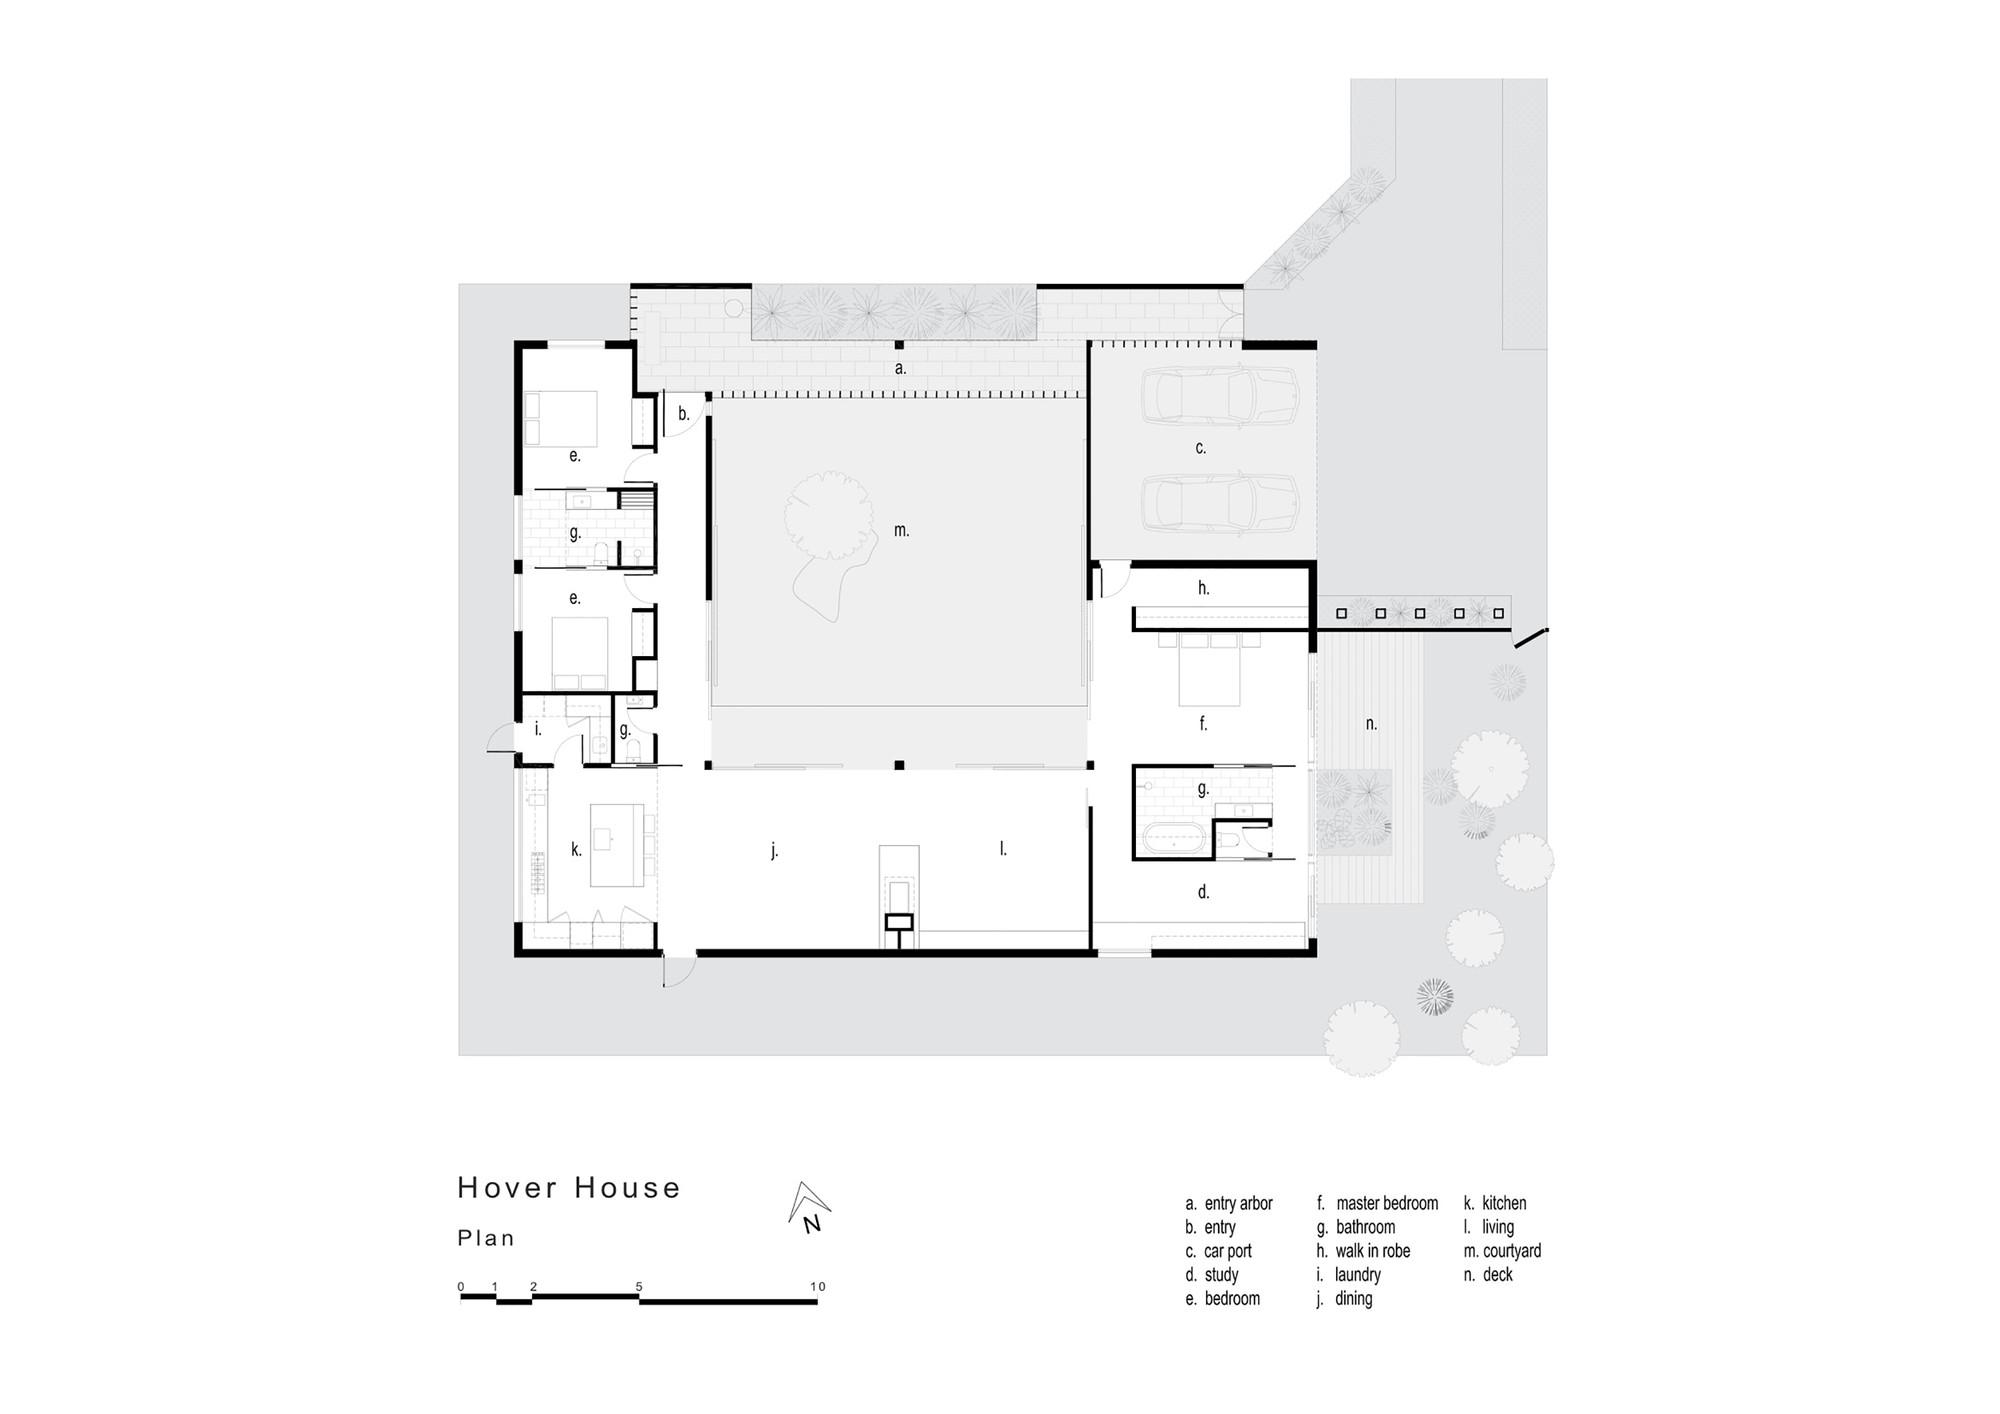 house plans battleaxe block arts